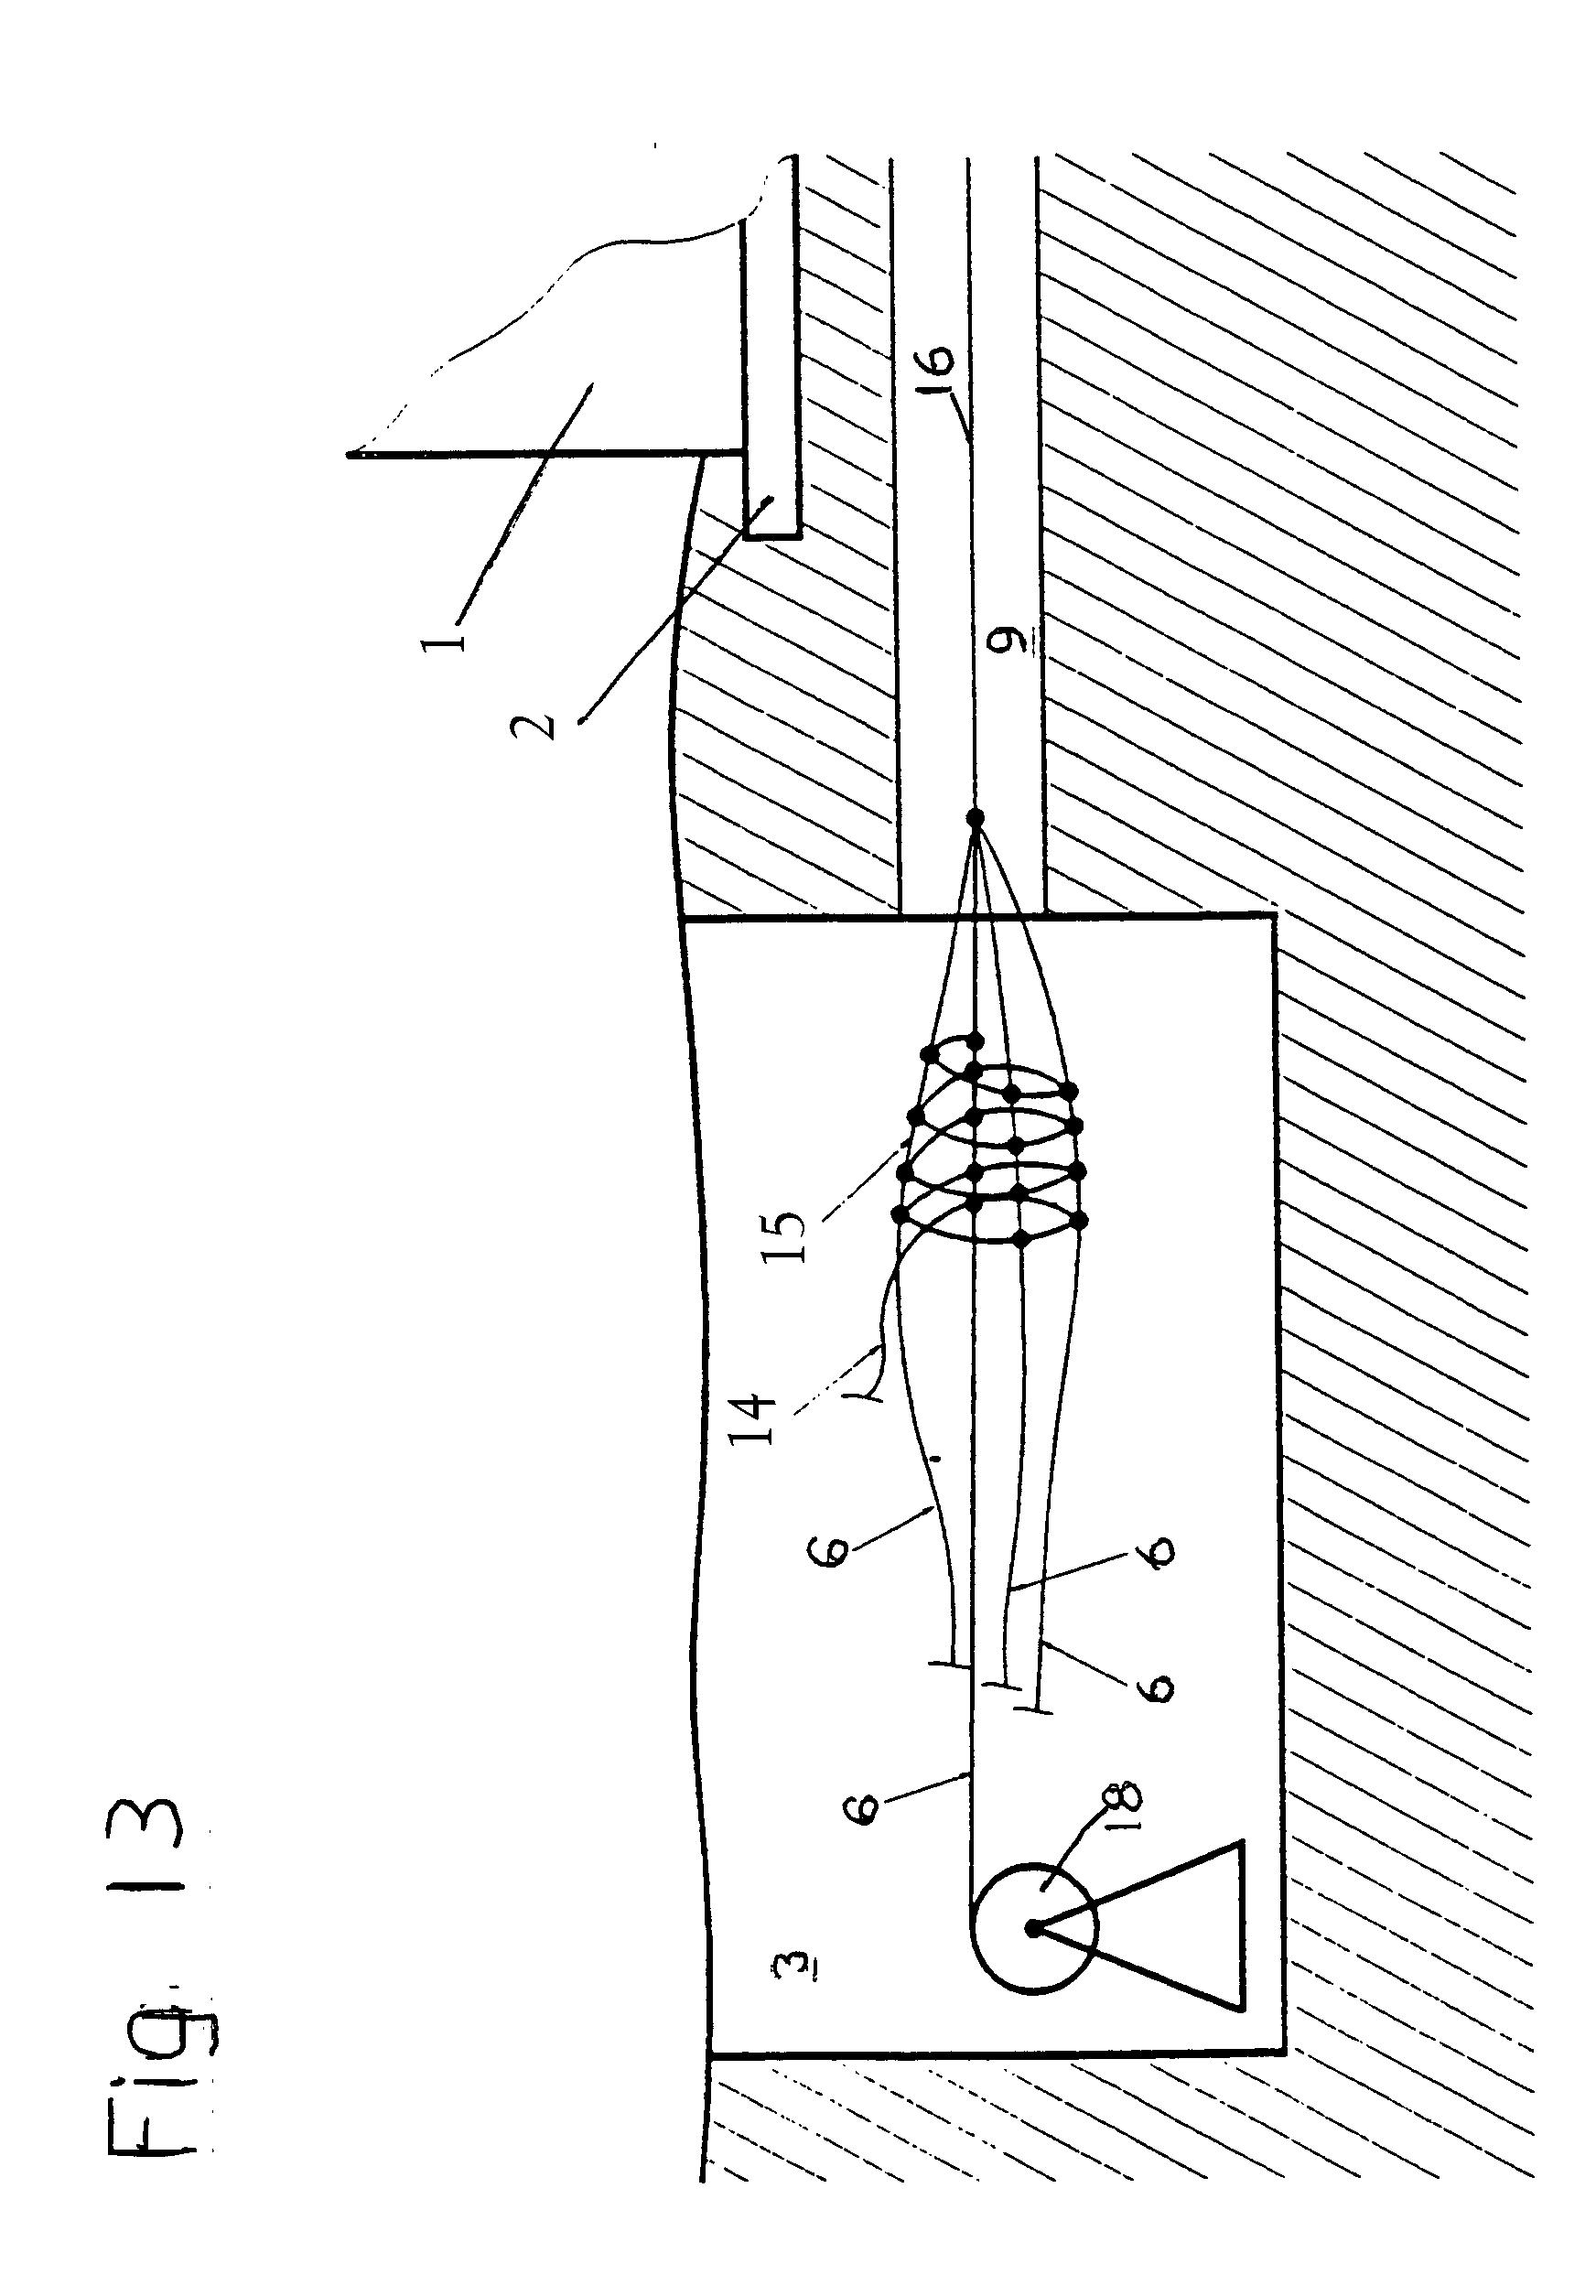 patent ep0788572b1 verfahren zum unterfangen von bauwerken google patents. Black Bedroom Furniture Sets. Home Design Ideas